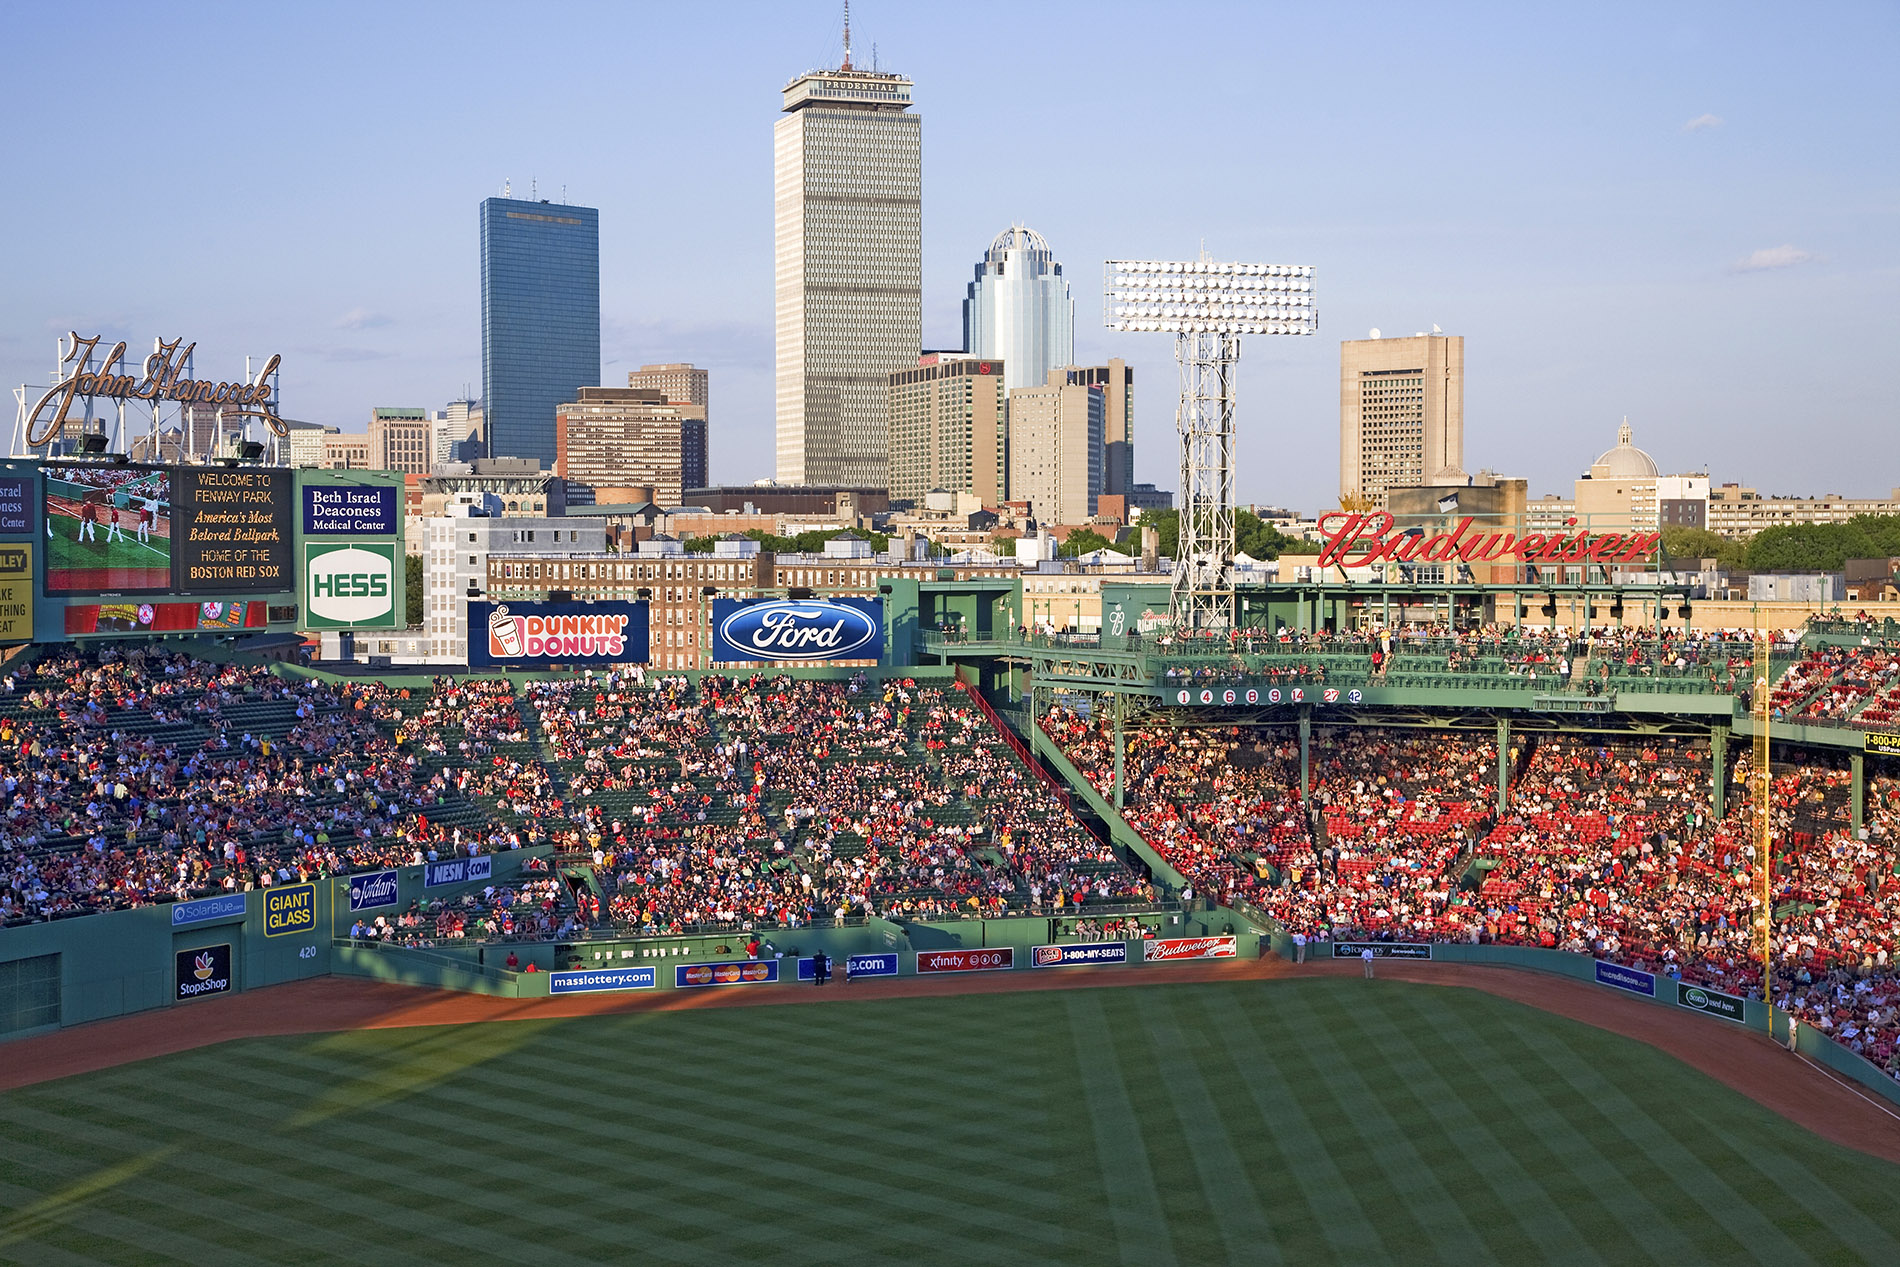 10 Great Hotels Near Fenway Park in Boston | SmarterTravel